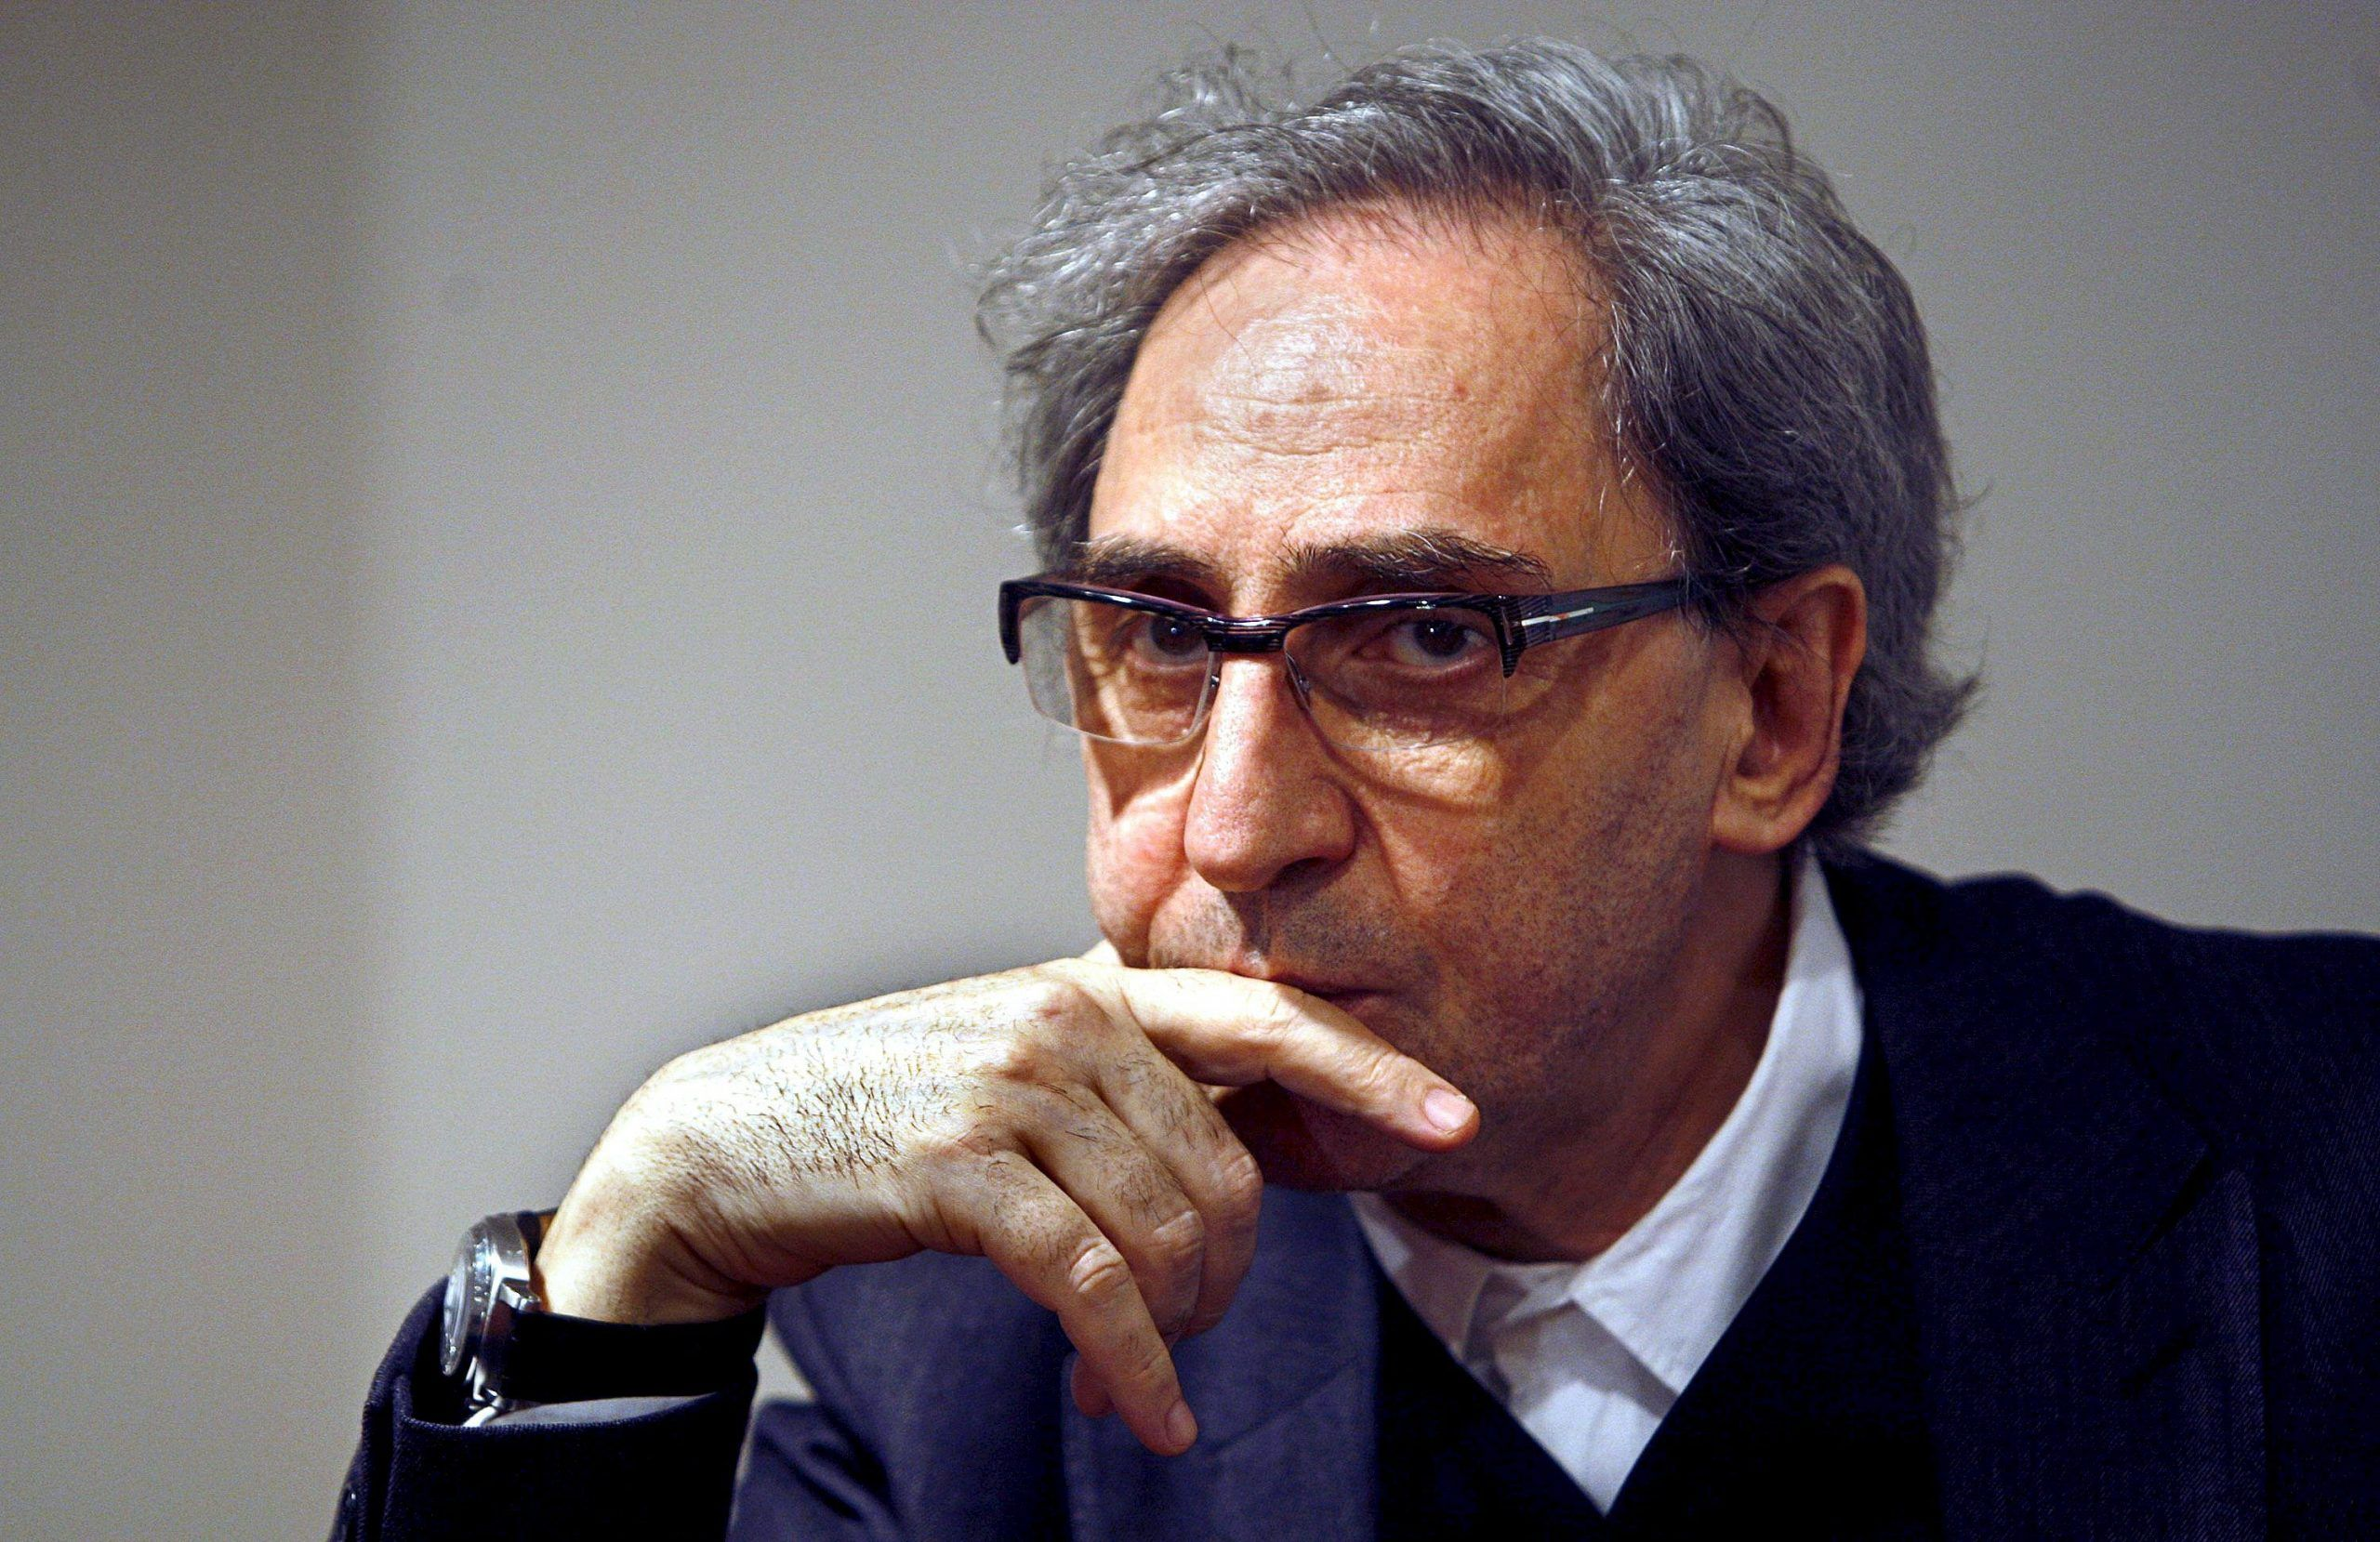 Franco Battiato: caduta dal palco a Bari e femore rotto